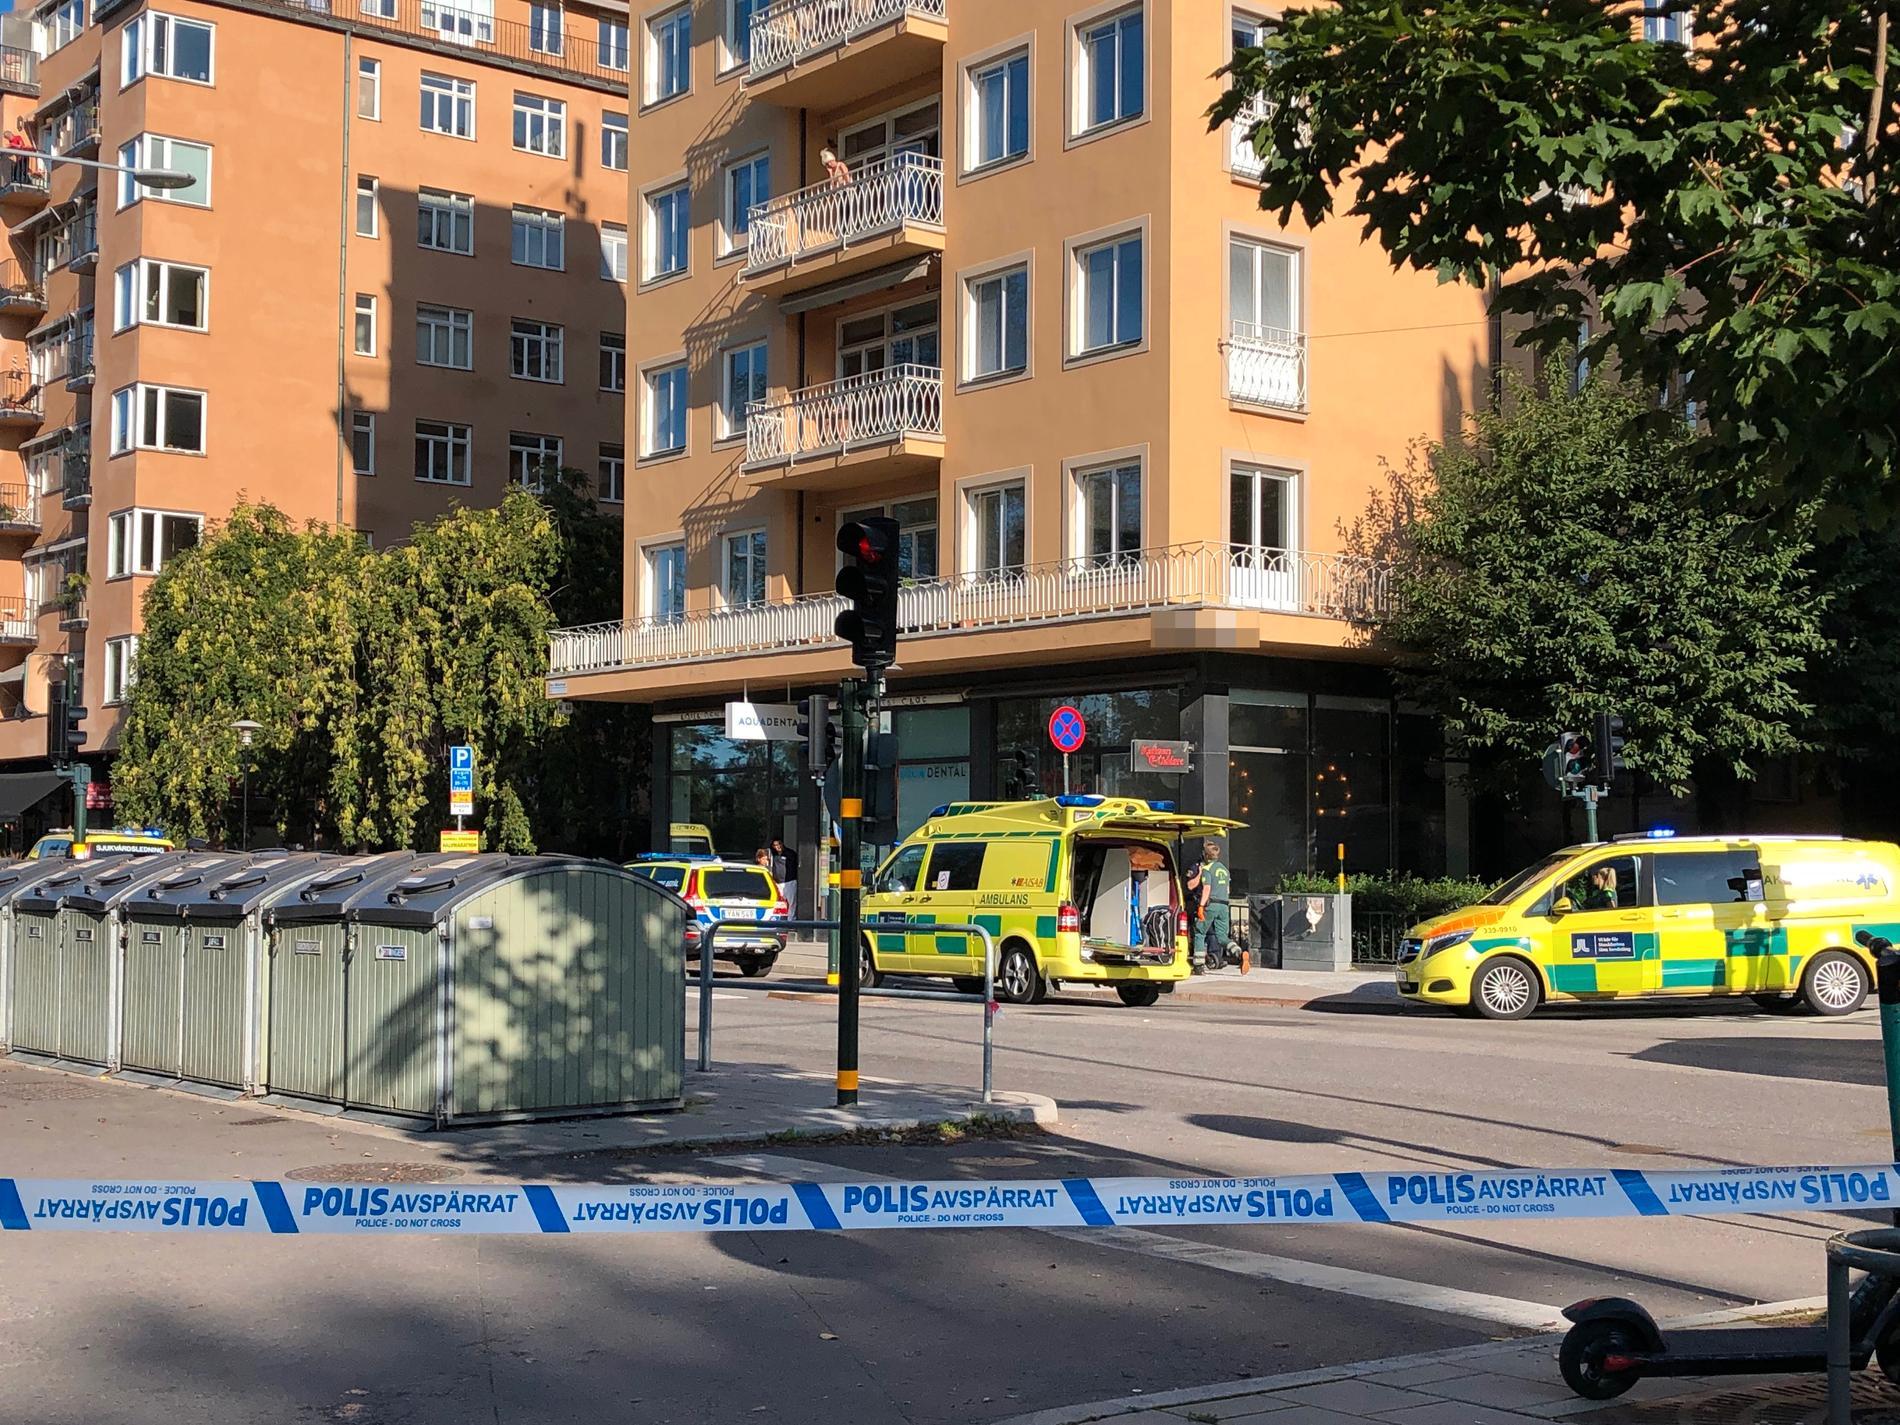 Försöket att döda advokaten genomfördes den 6 september 2019 vid dennes bostad på Kungsholmen i Stockholm. Arkivbild.